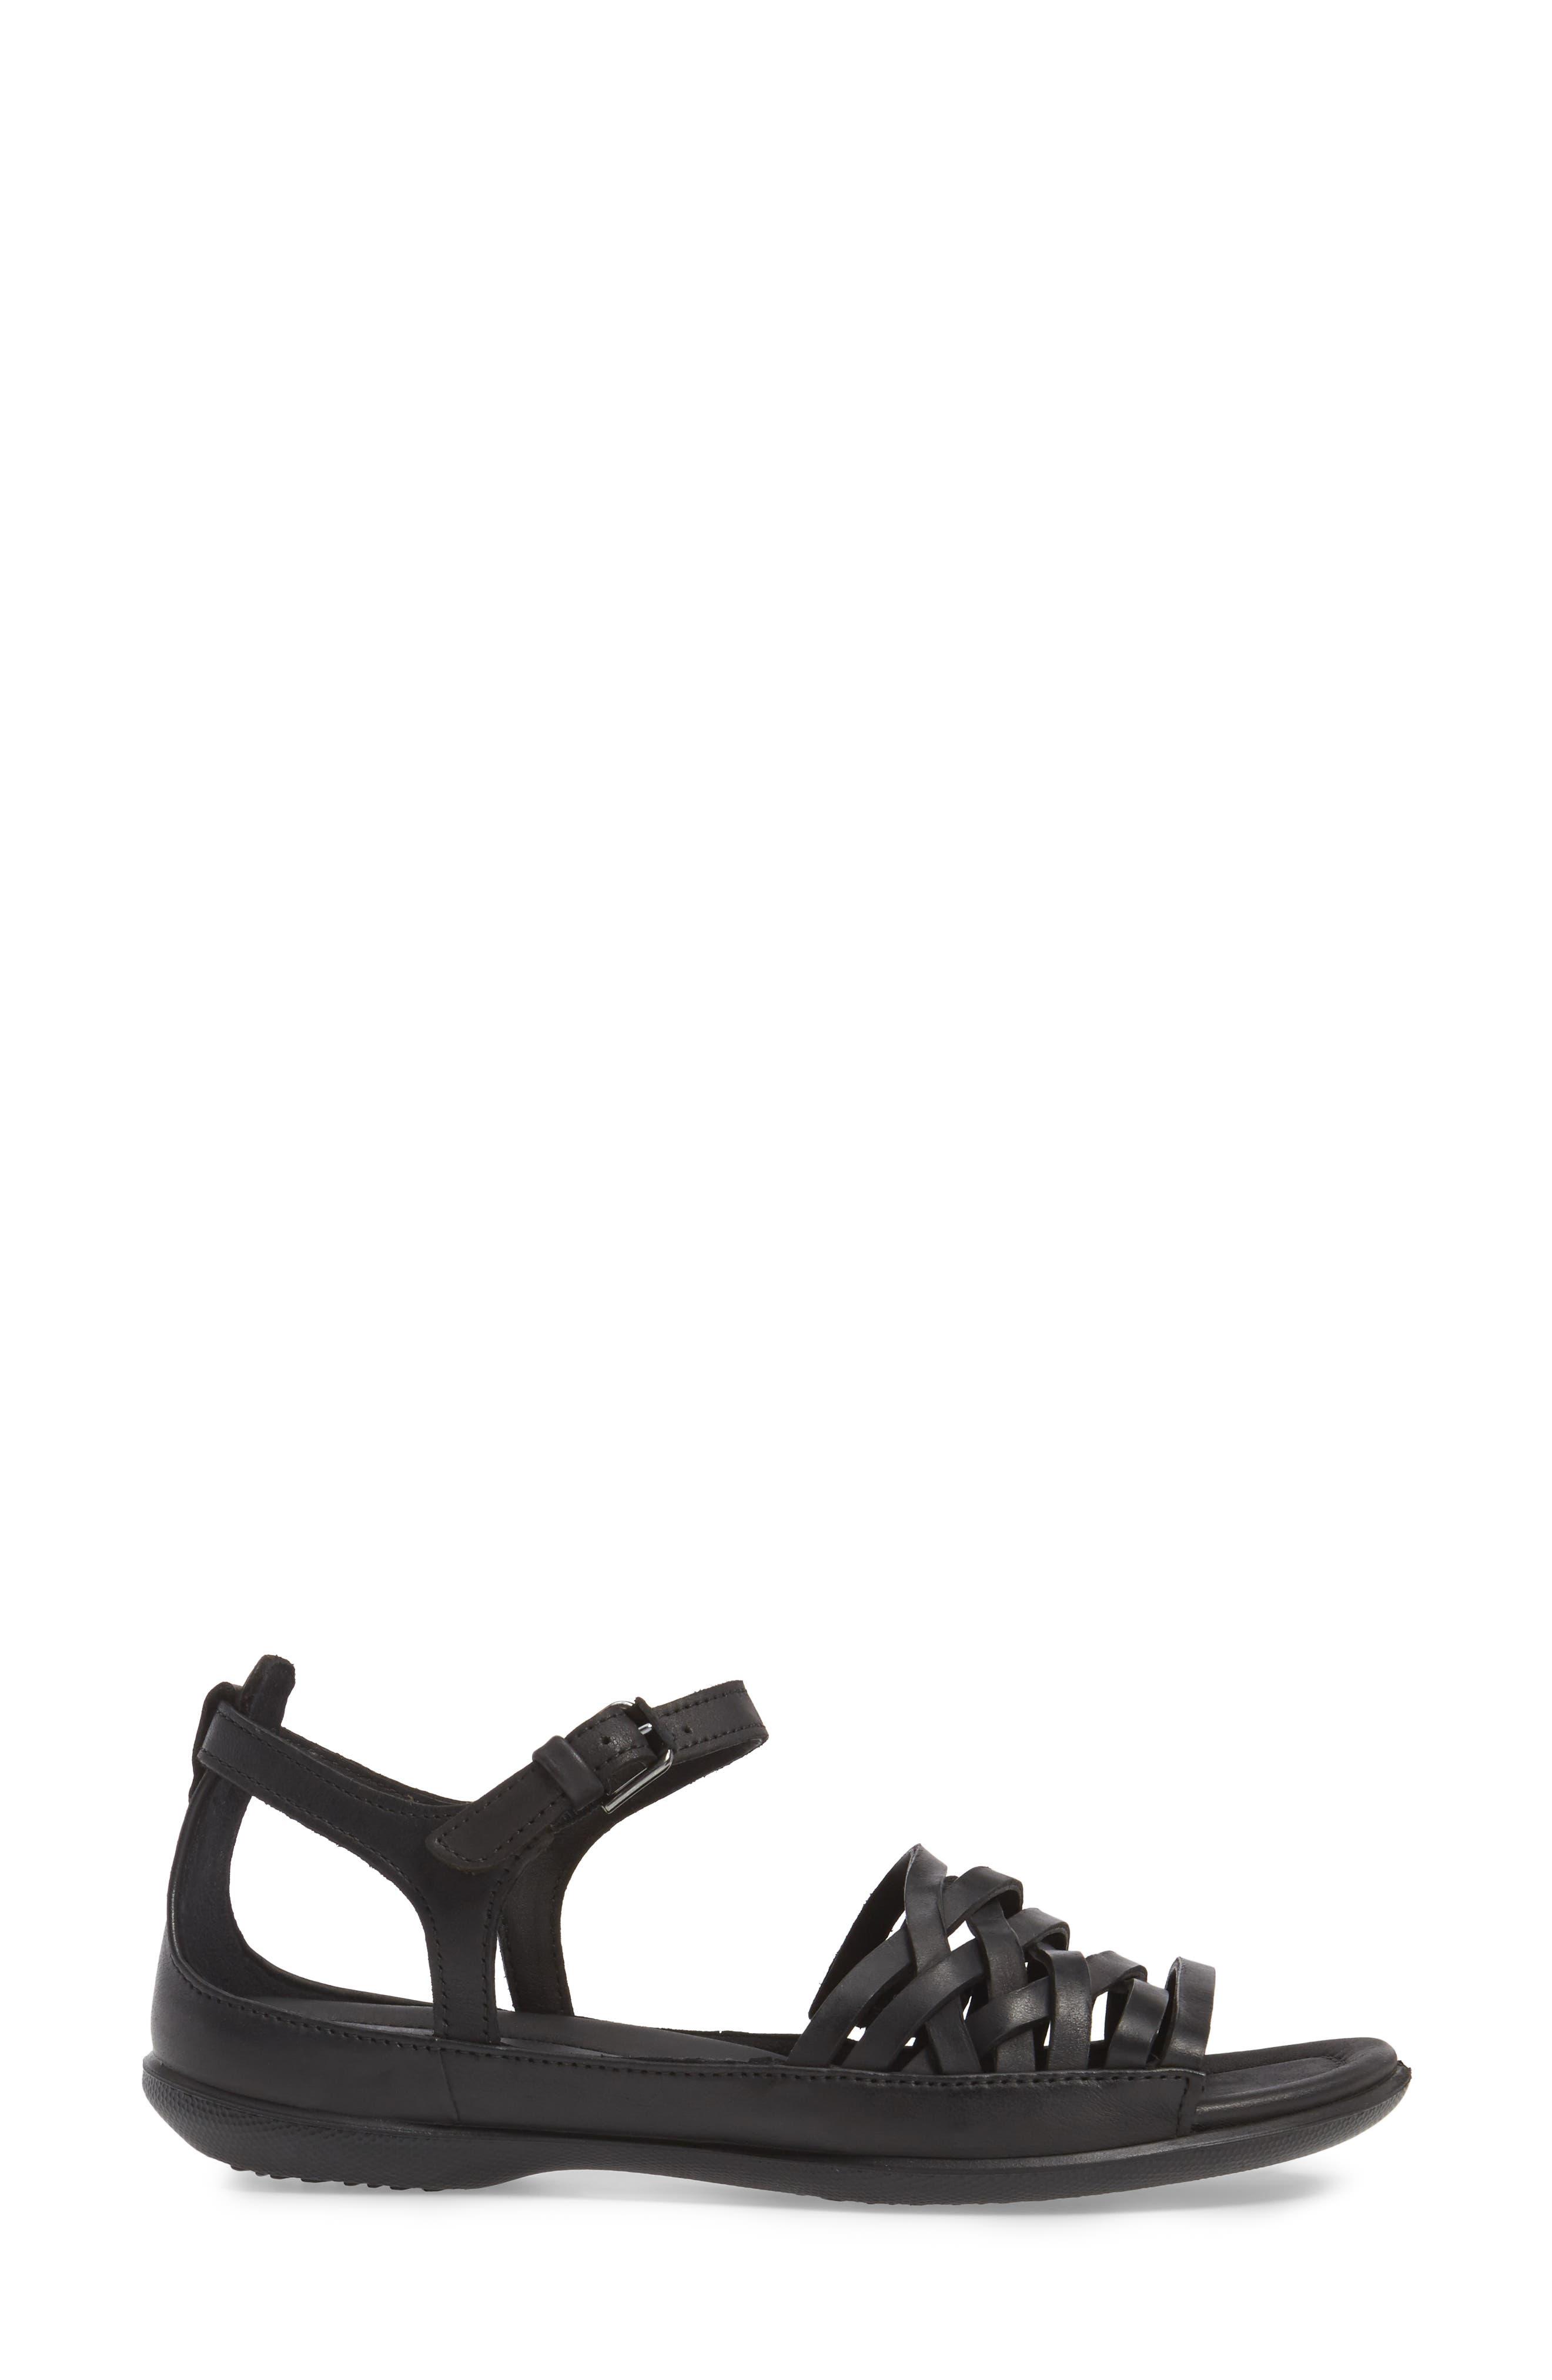 Flash Sandal,                             Alternate thumbnail 3, color,                             Black Leather